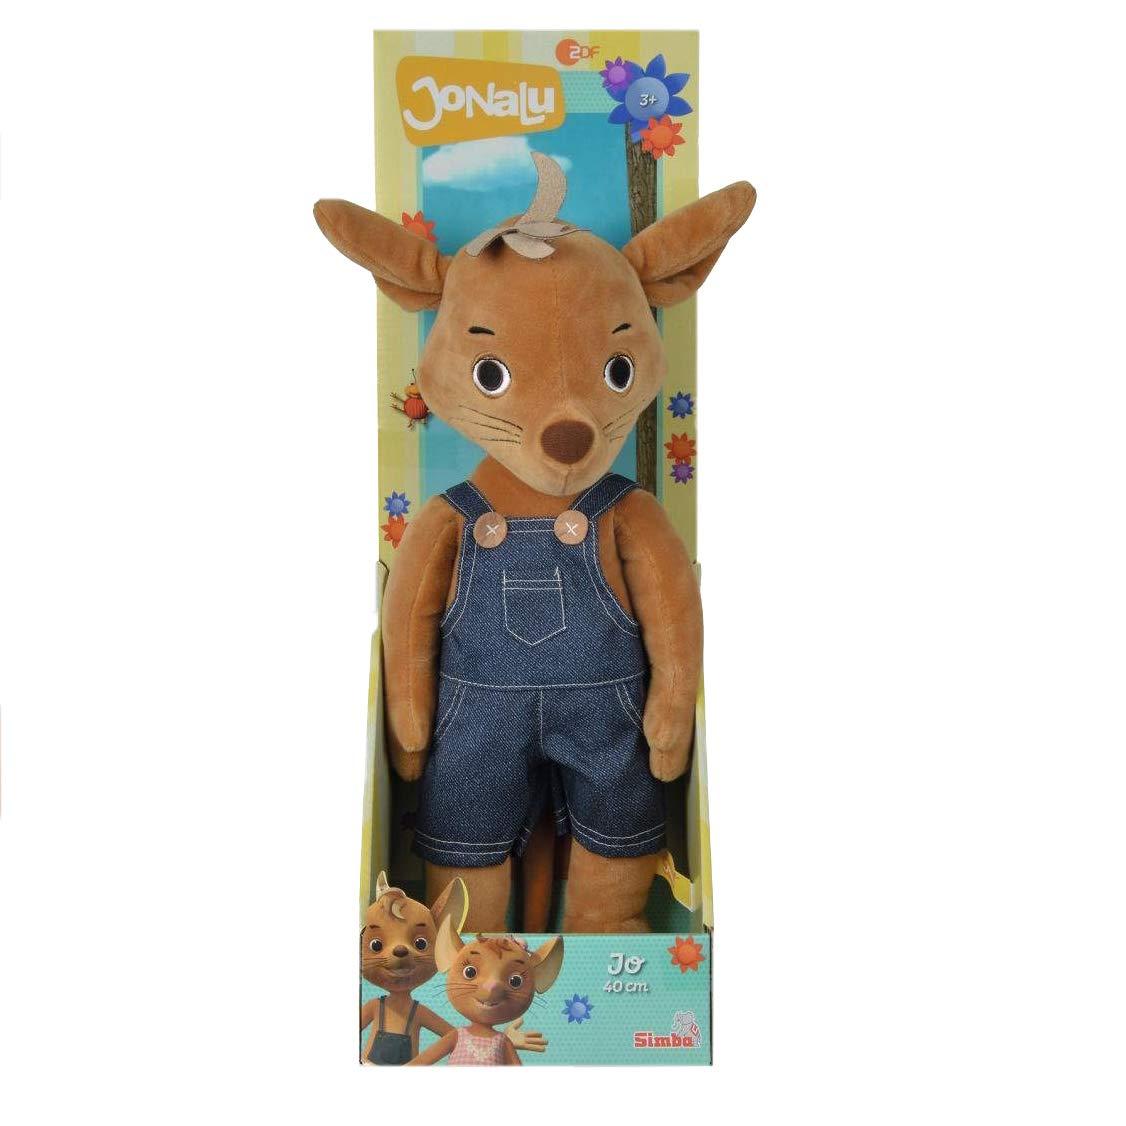 Simba 109371001 - Jonalu Jo Plü schfigur, 40 cm Simba Toys